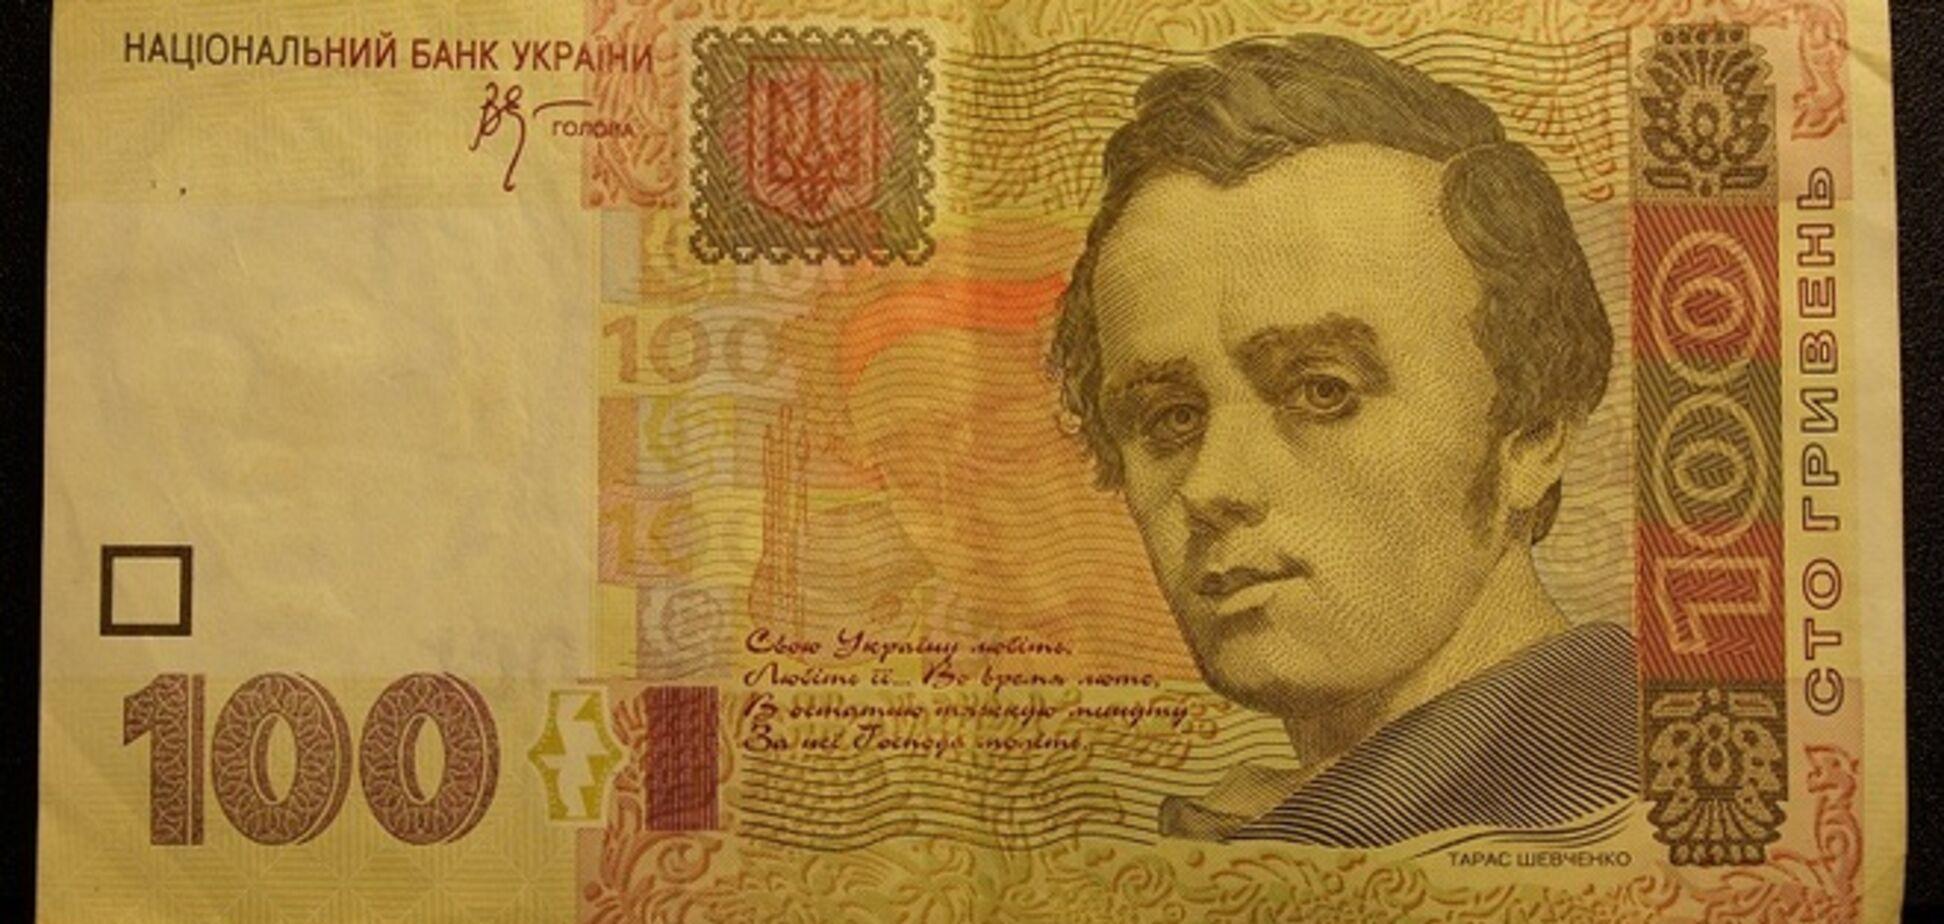 Нацбанк презентує нову банкноту номіналом 100 гривень